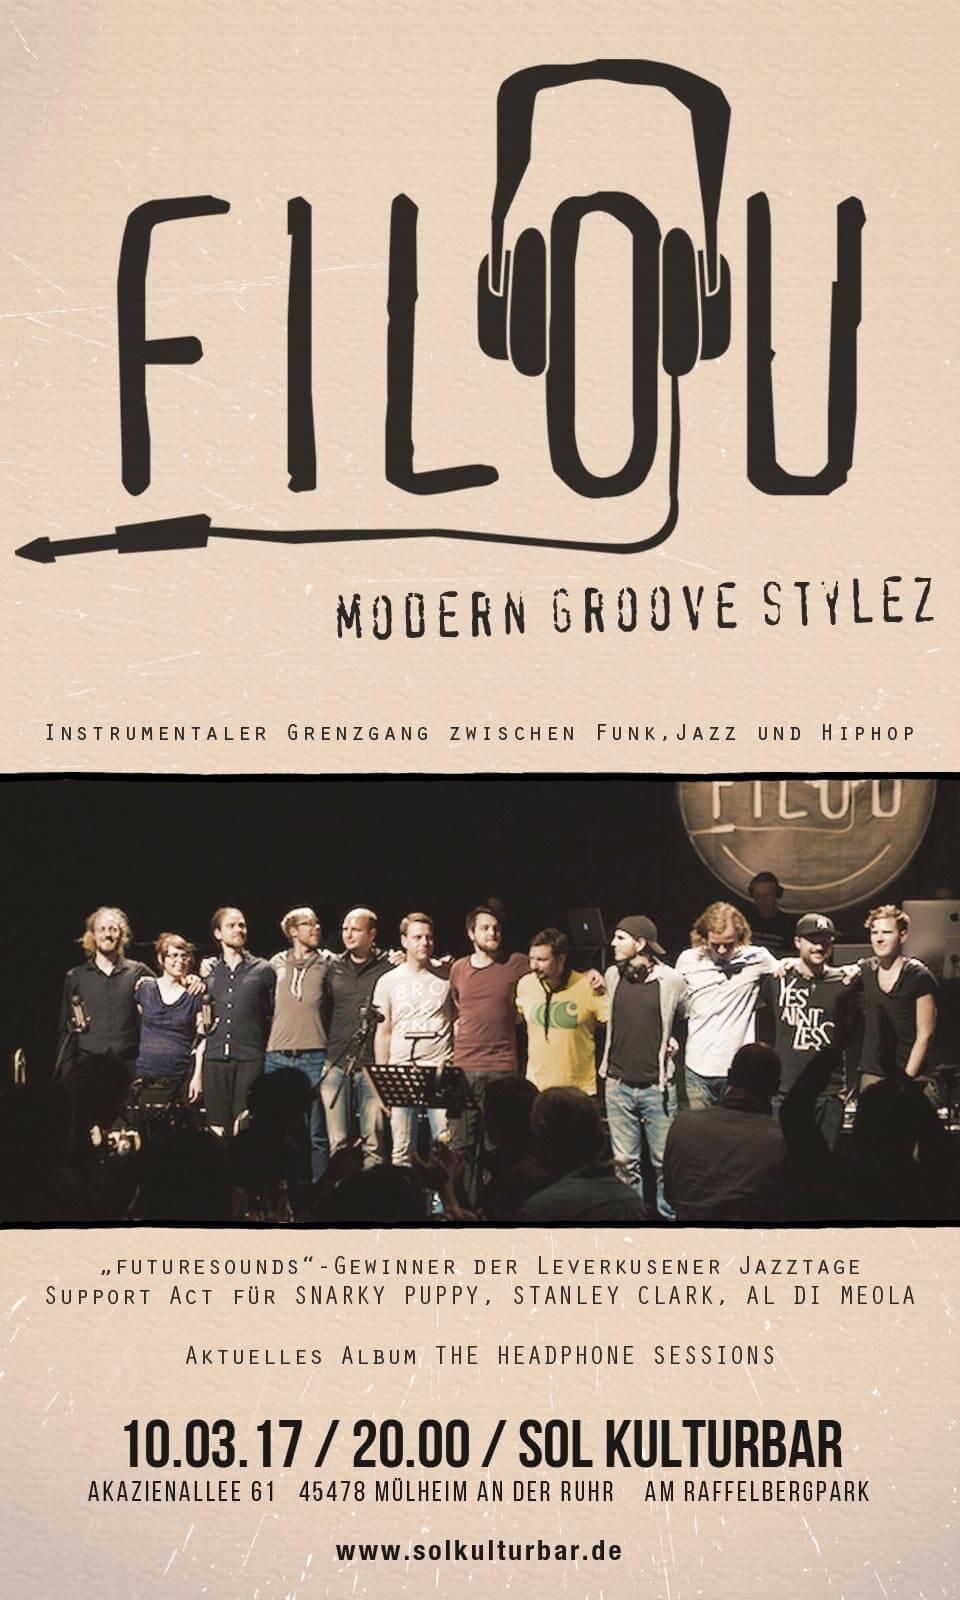 Filou live in der Sol Kulturbar, 2017